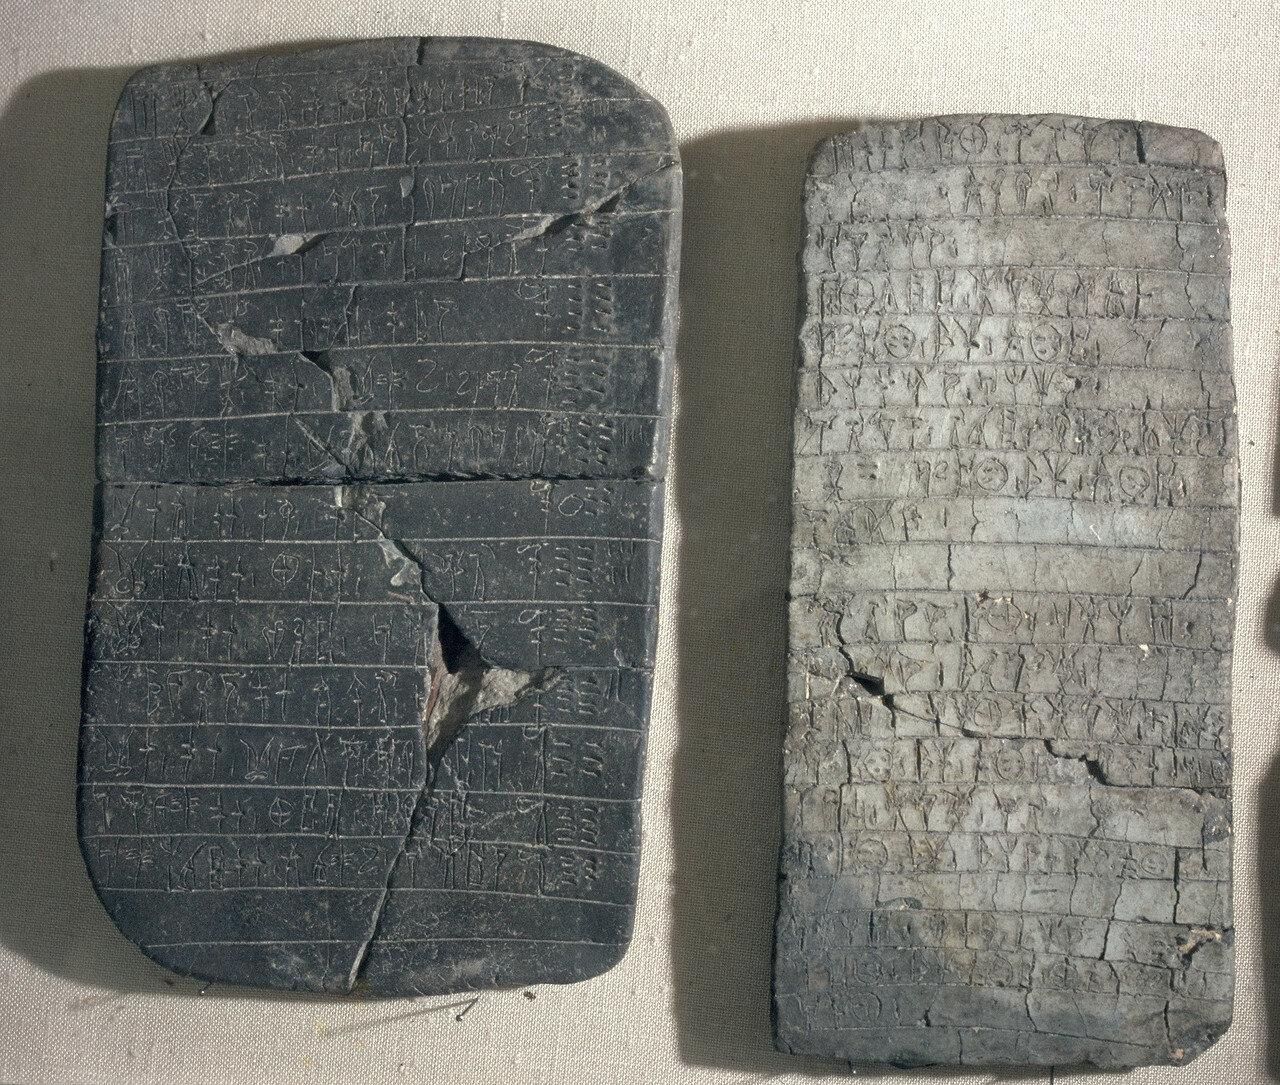 Афины. Национальный археологический музей. Глиняные таблички с линейным письмом B из дворца Пилоса. XIII в. до н.э.